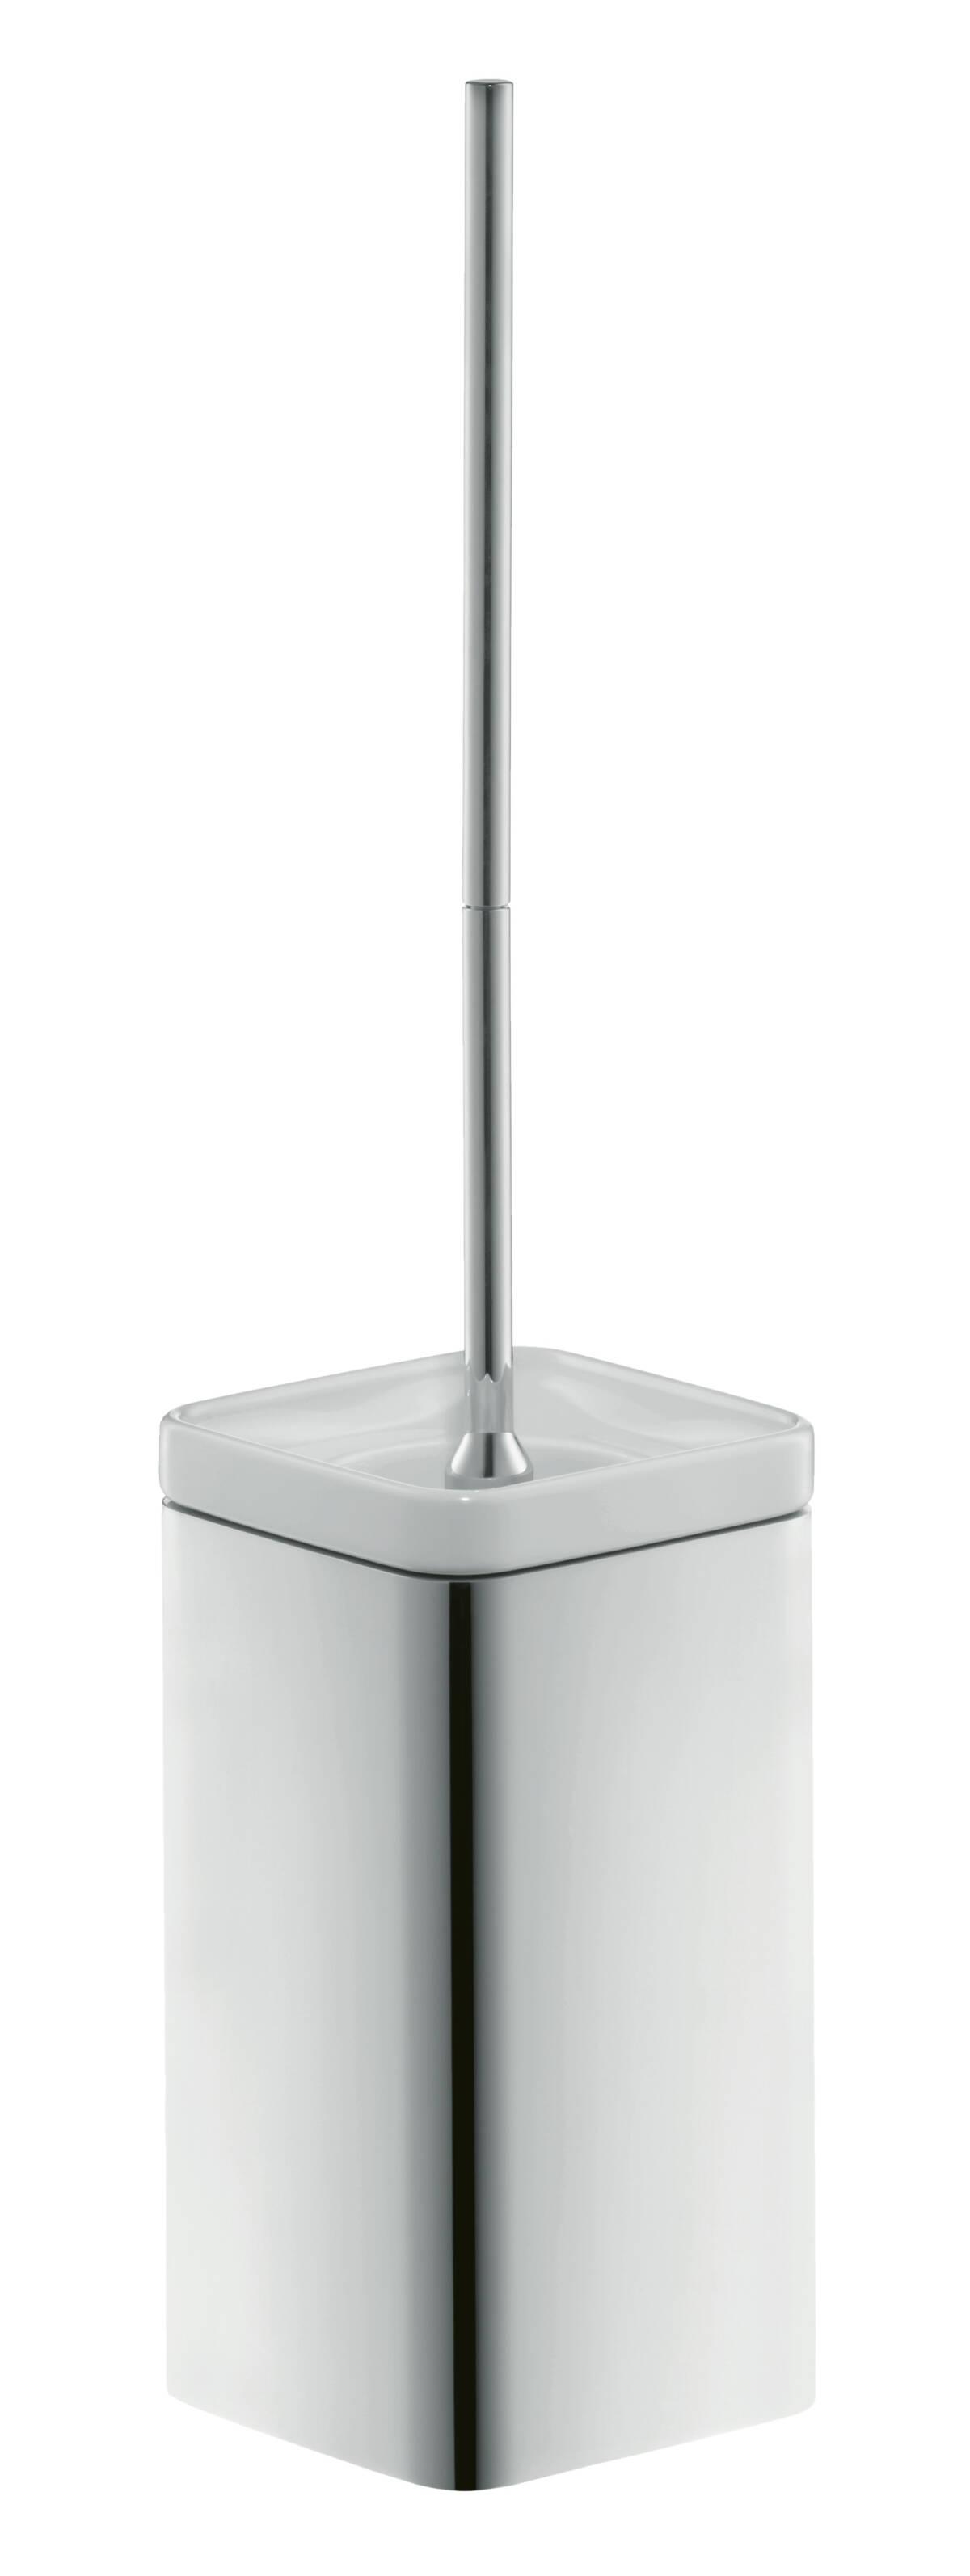 Toilet brush holder wall-mounted, Chrome, 42435000